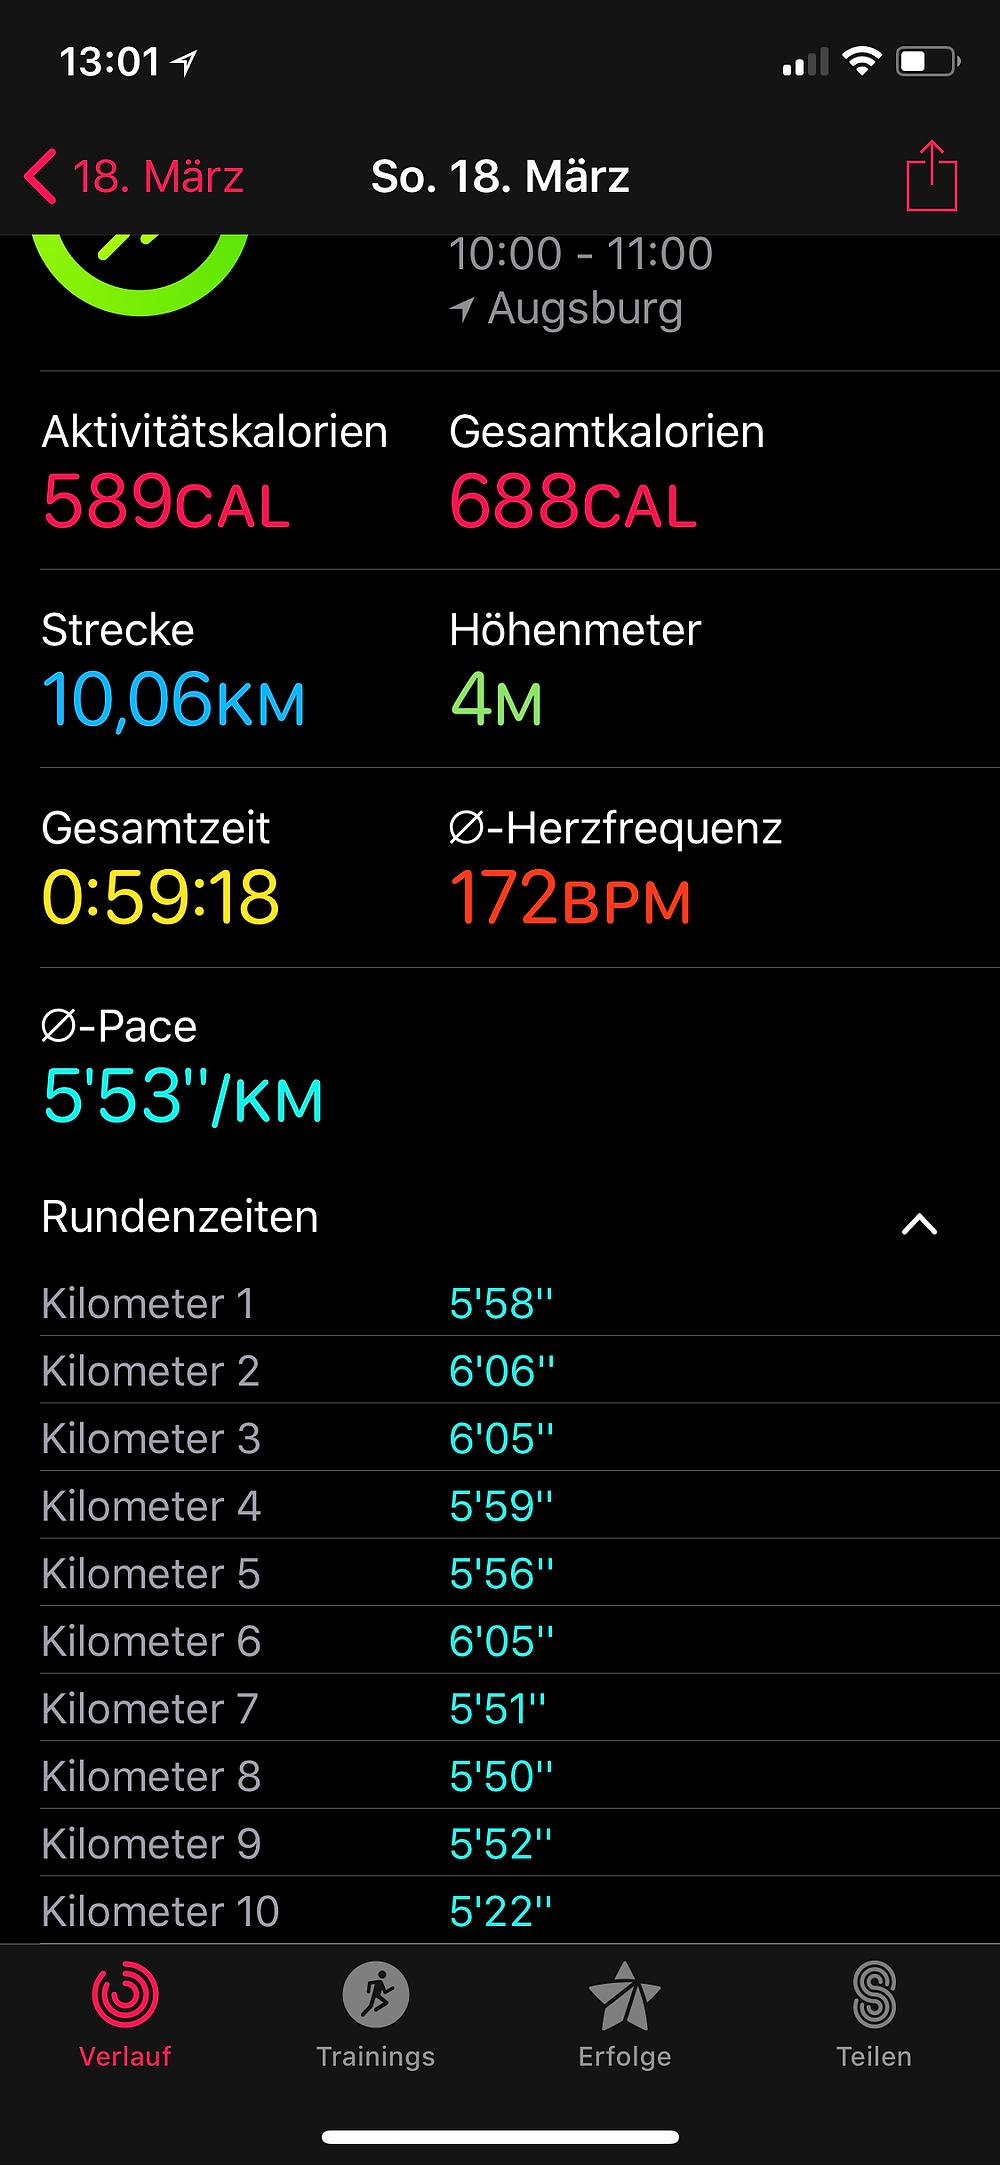 Laufinstinkt+ Augsburg - MEIN ERSTES 10KM-RENNEN - Wettkampftaufe - Bild 4